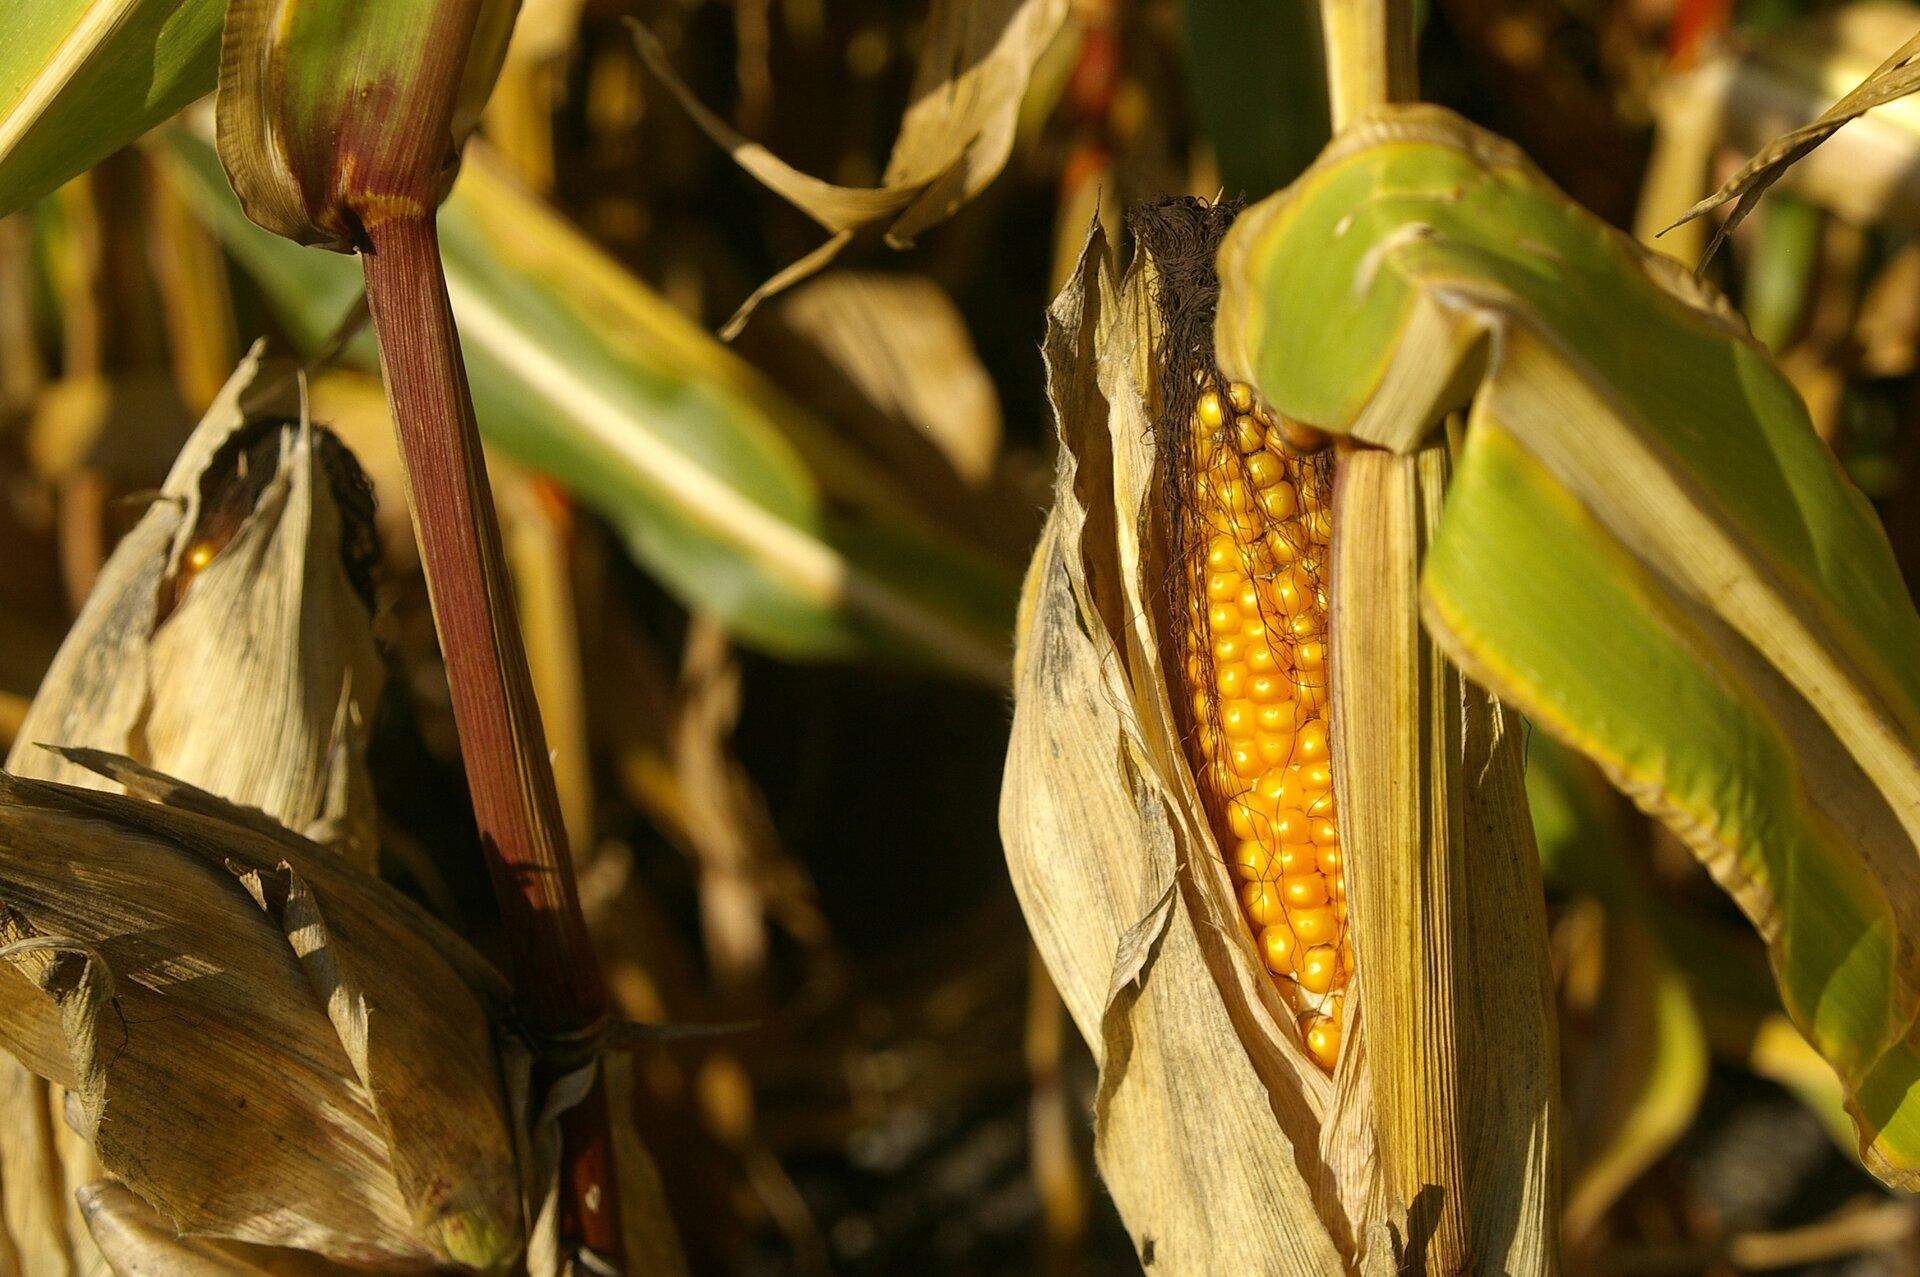 Kukurydza. Widoczna jest kolba kukurydzy zdojrzałymi, żółtymi nasionami. Są jasnożółte, gęsto ułożone, błyszczące.